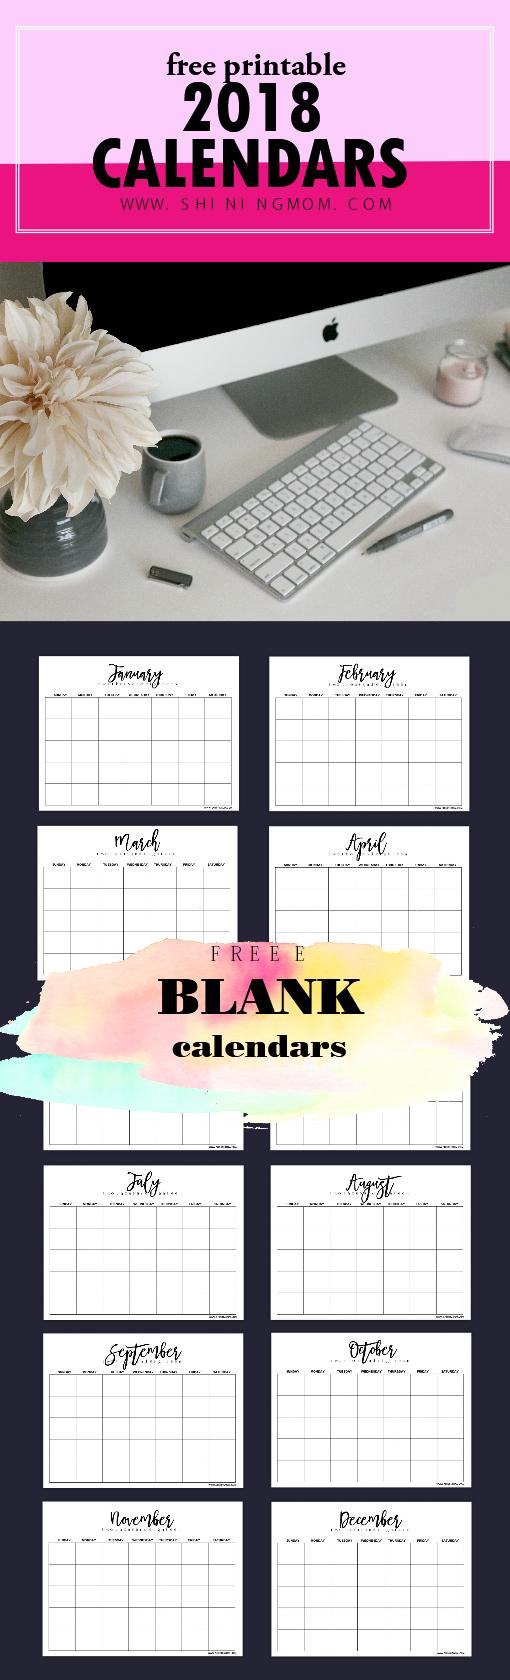 free balnk calendar 2018